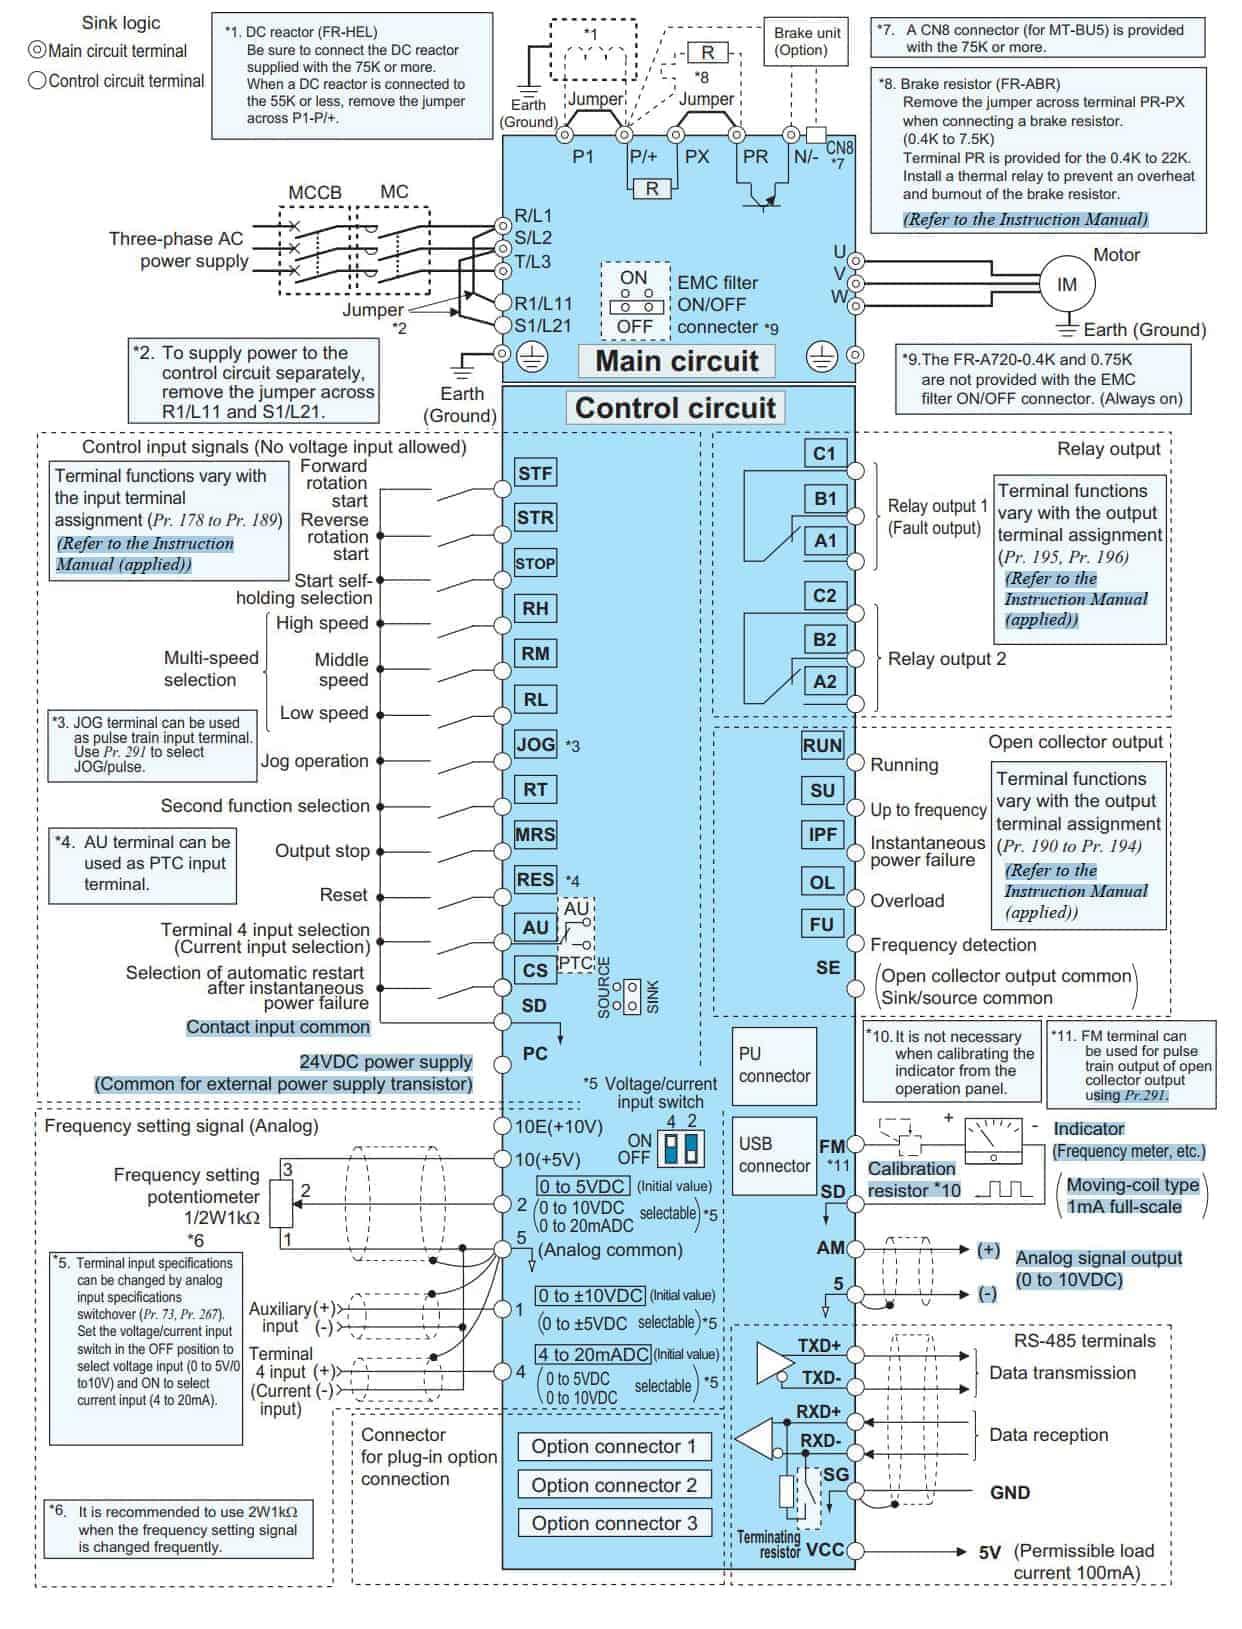 sơ đồ đấu dây biến tần FR-A700 series